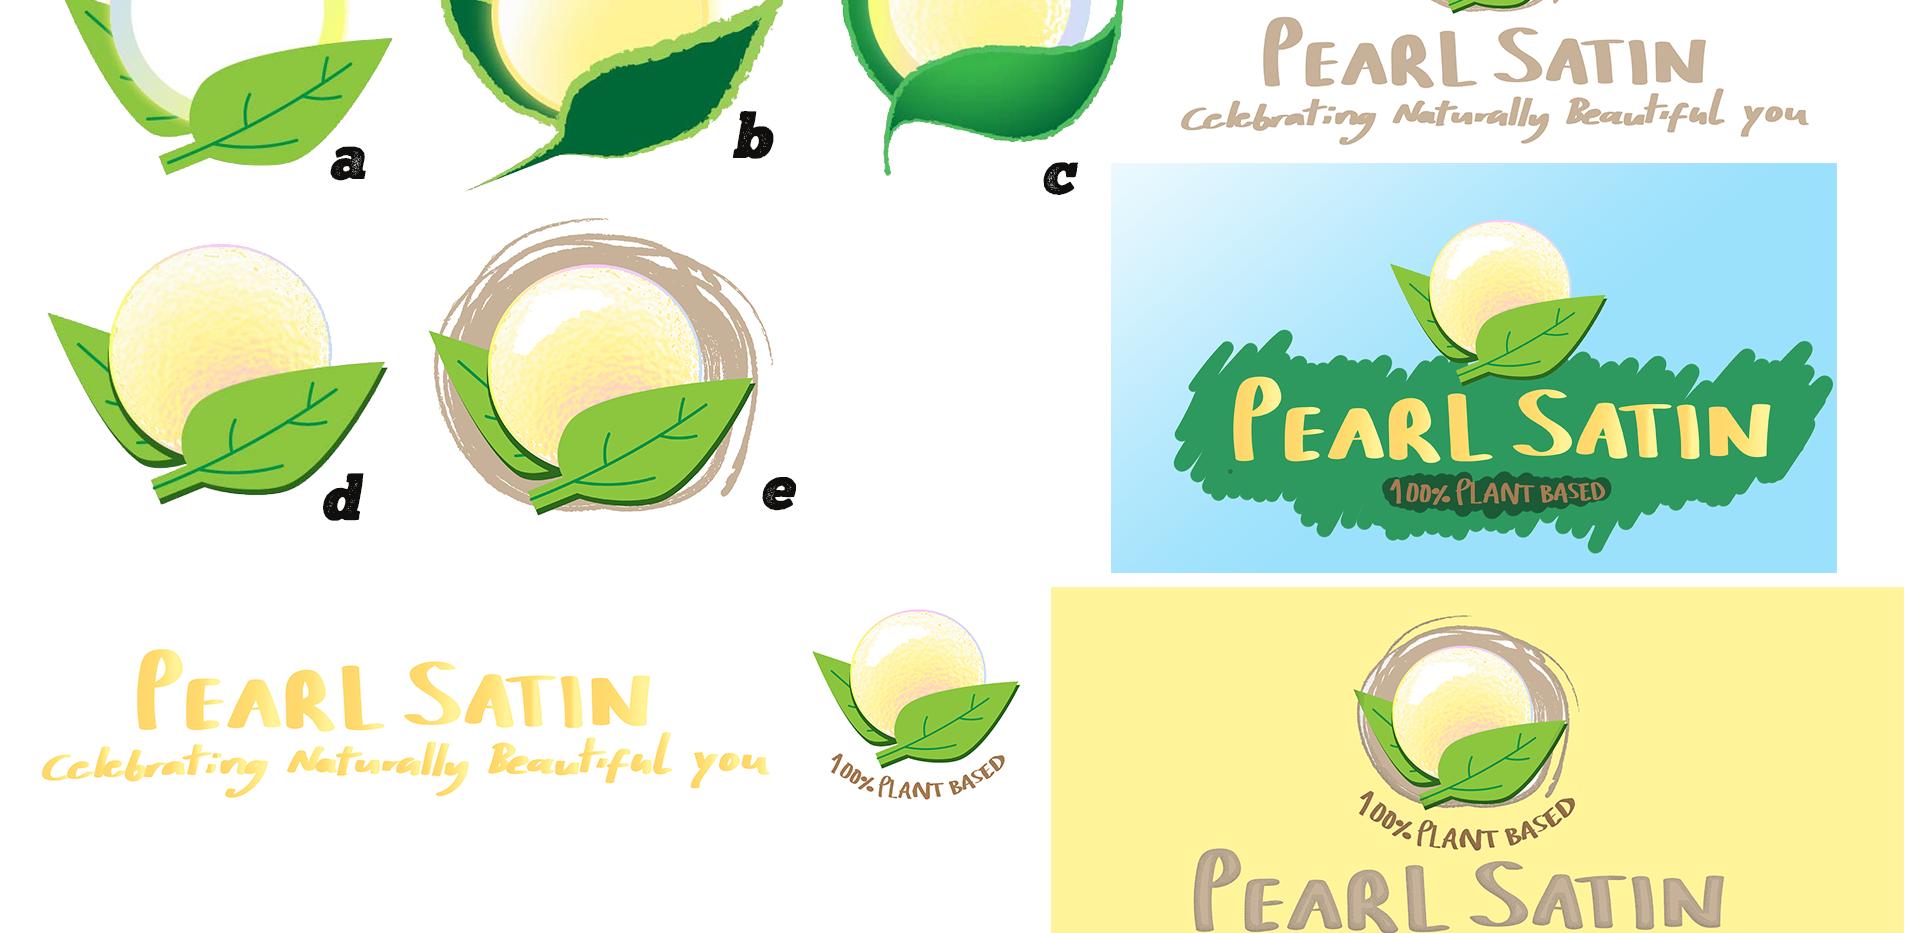 Pearl Satin - initial sketchings